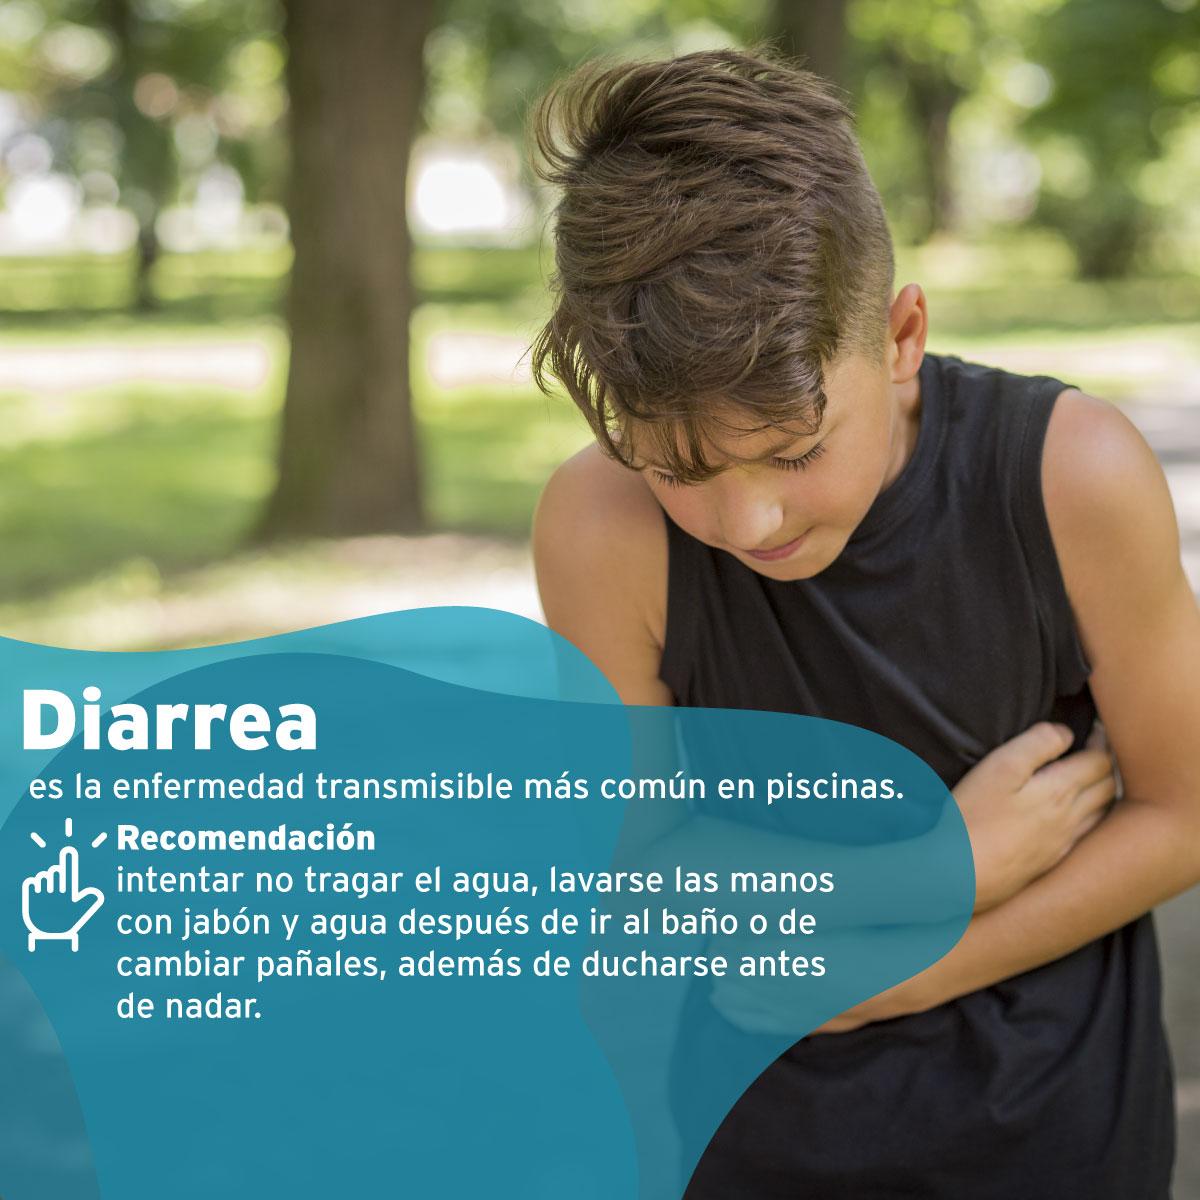 clinicaalemana_articulos_salud_enfermedades_piscina_2